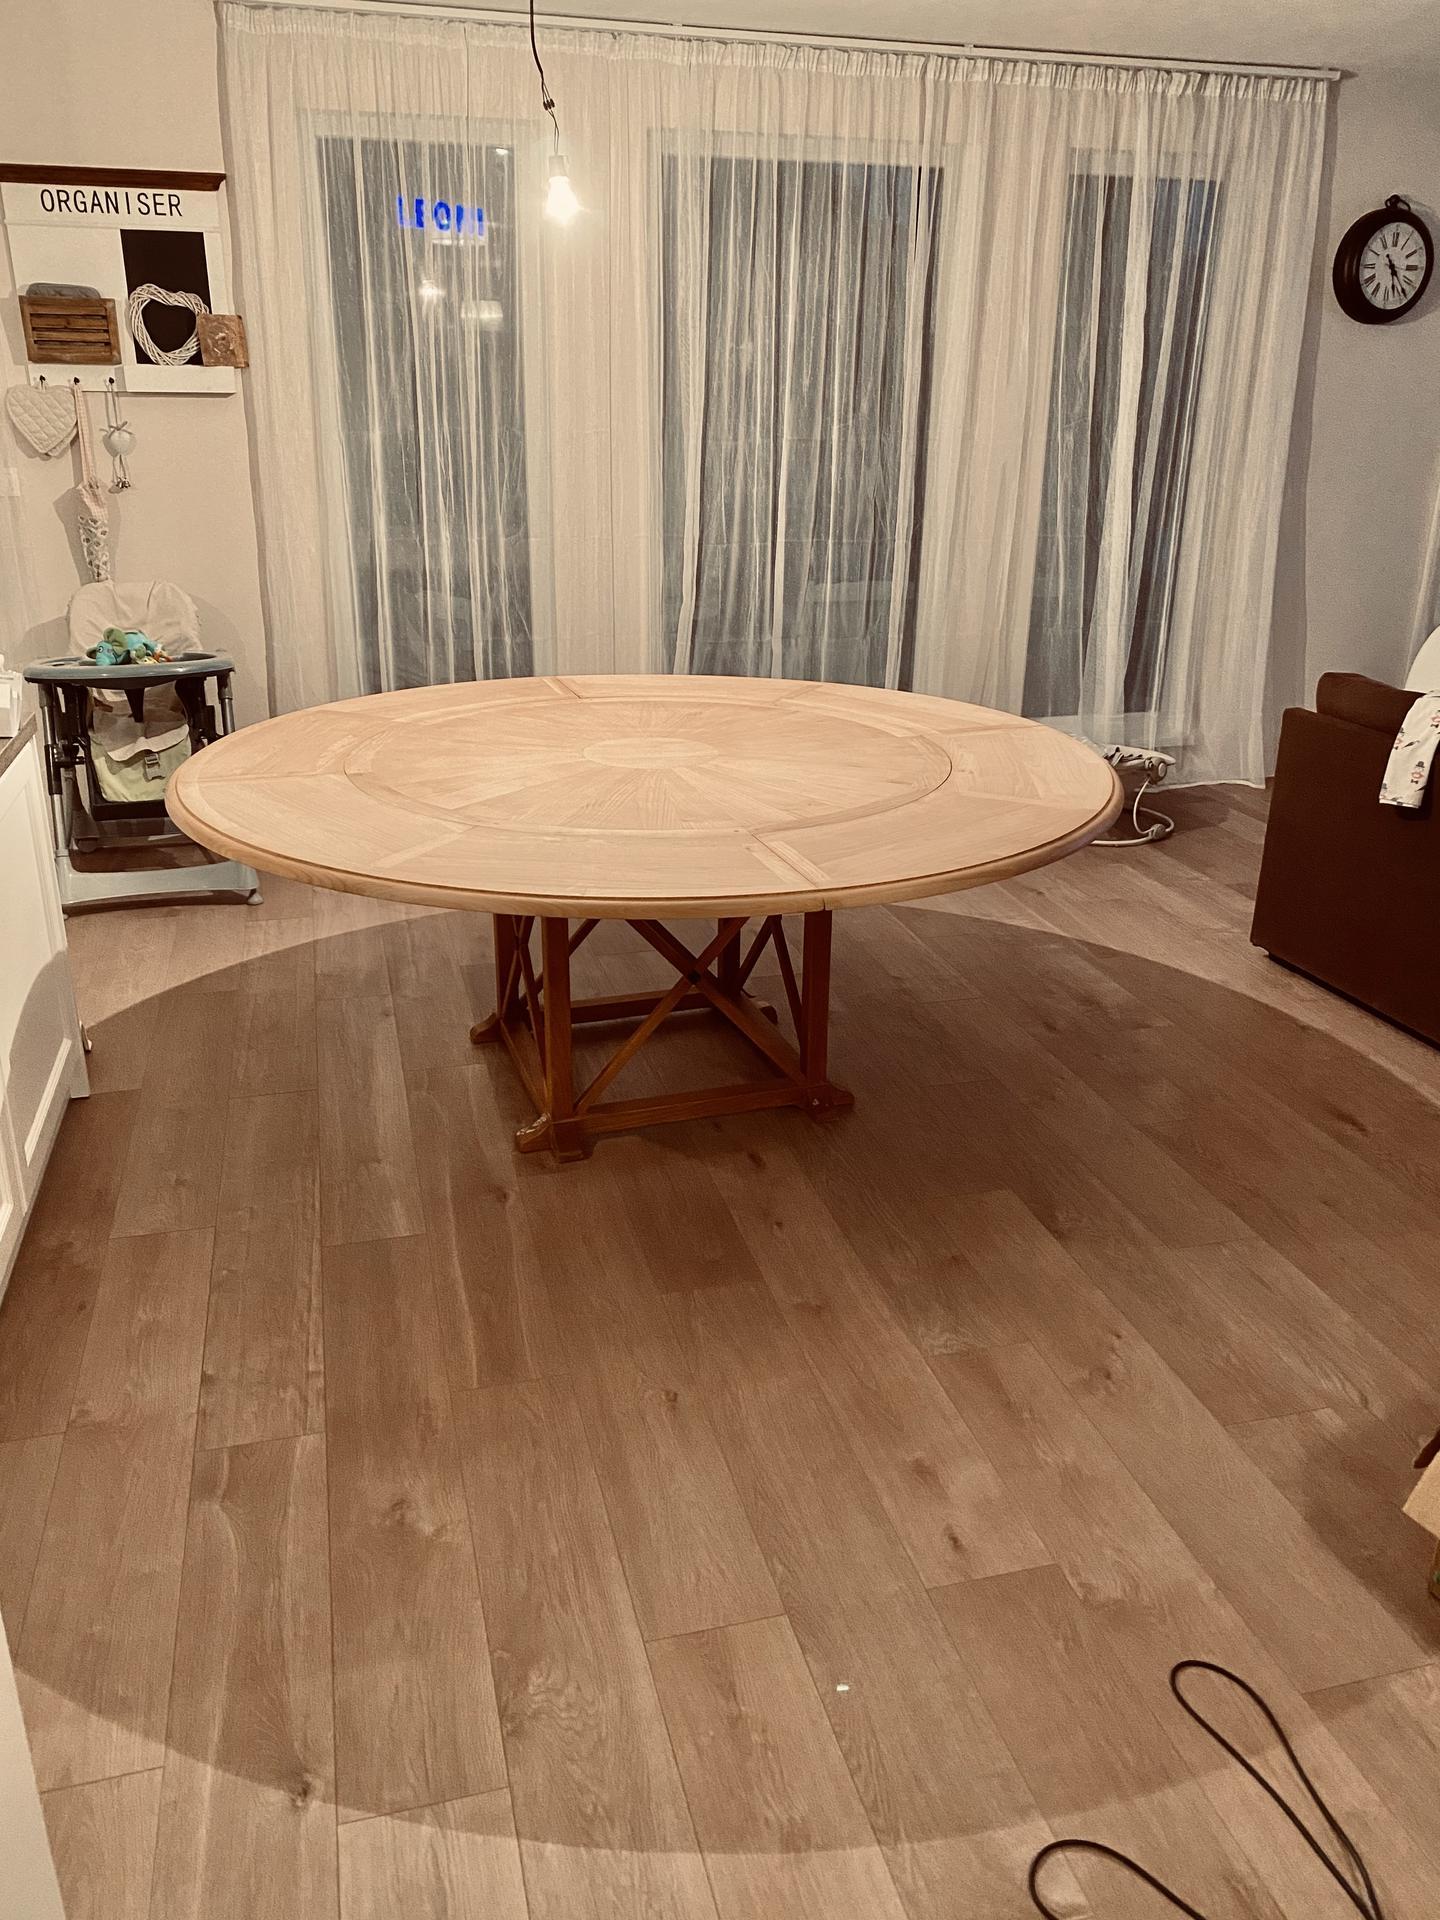 Nákupy do domčeka 🏡 - Môj nový projekt 🥰 Snáď si nájdem čoskoro čas 😇 Mala som dosť neskombinovatelnu predstavu o stole (okrúhly, keď sa roztiahne aby bol stále okruhly, šírka aspoň 130cm, stabilný podstavec, masív).